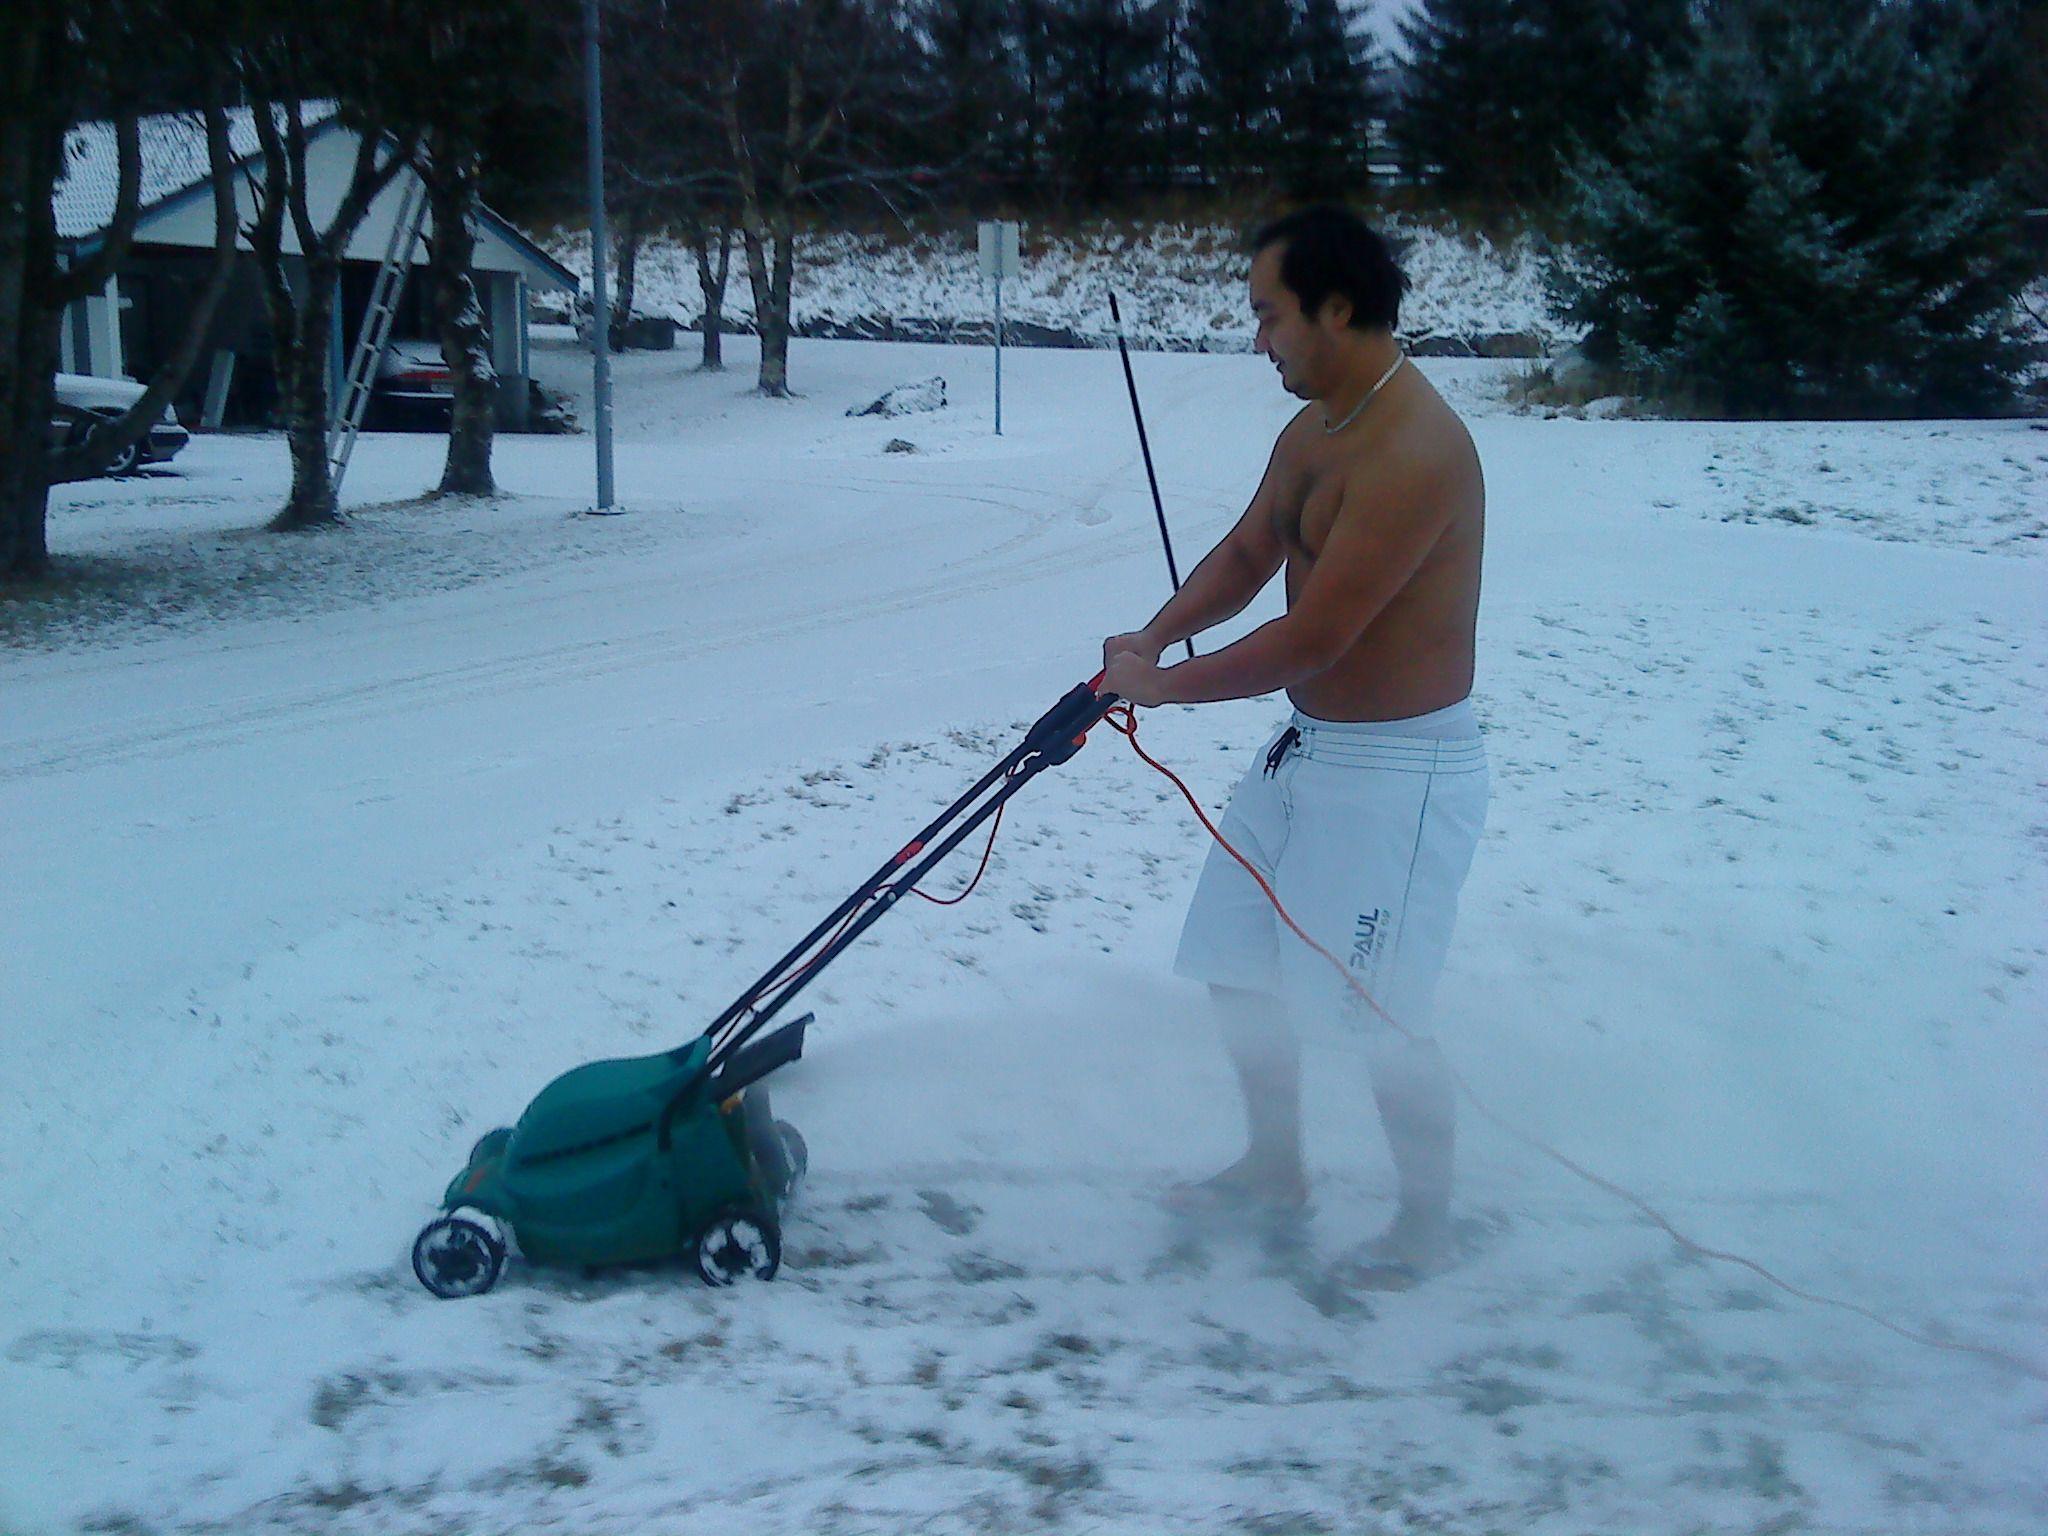 Brukeren jove sendte inn dette bildet av en sommerlig hverdagssyssel. Legg merke til snøstormen.